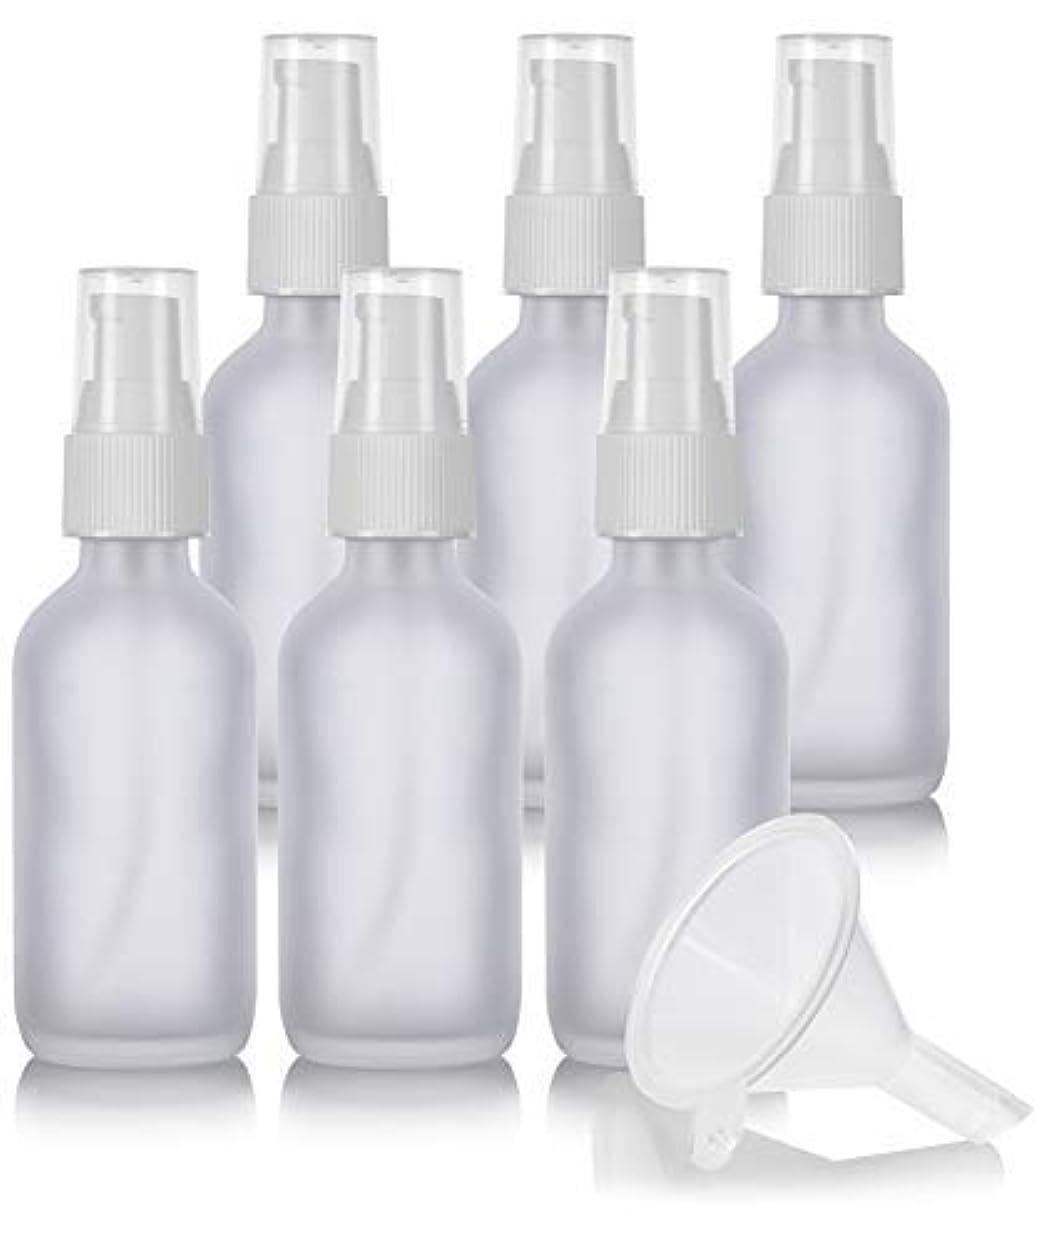 階層未亡人感動する2 oz Frosted Clear Glass Boston Round White Treatment Pump Bottle (6 Pack) + Funnel and Labels for Cosmetics,...